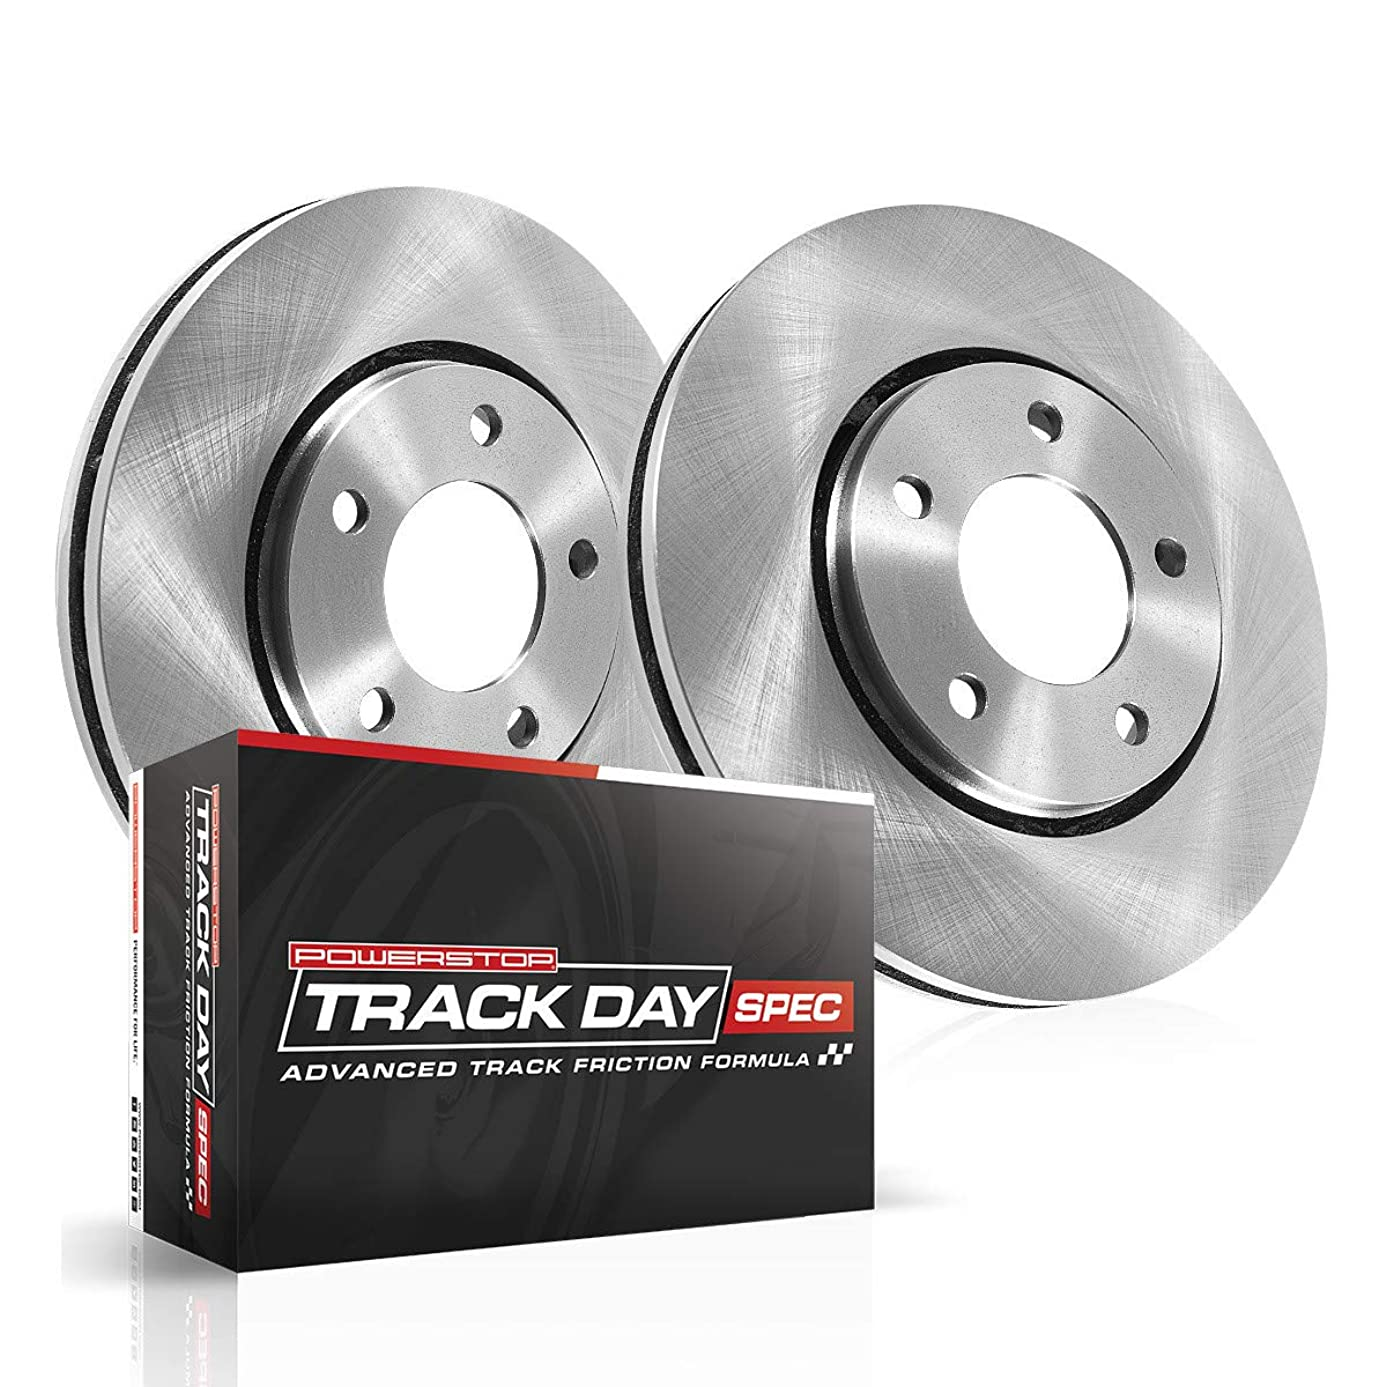 Power Stop TDSK6281 Track Day Spec Rear Kit Rotors and Ceramic Brake Pads